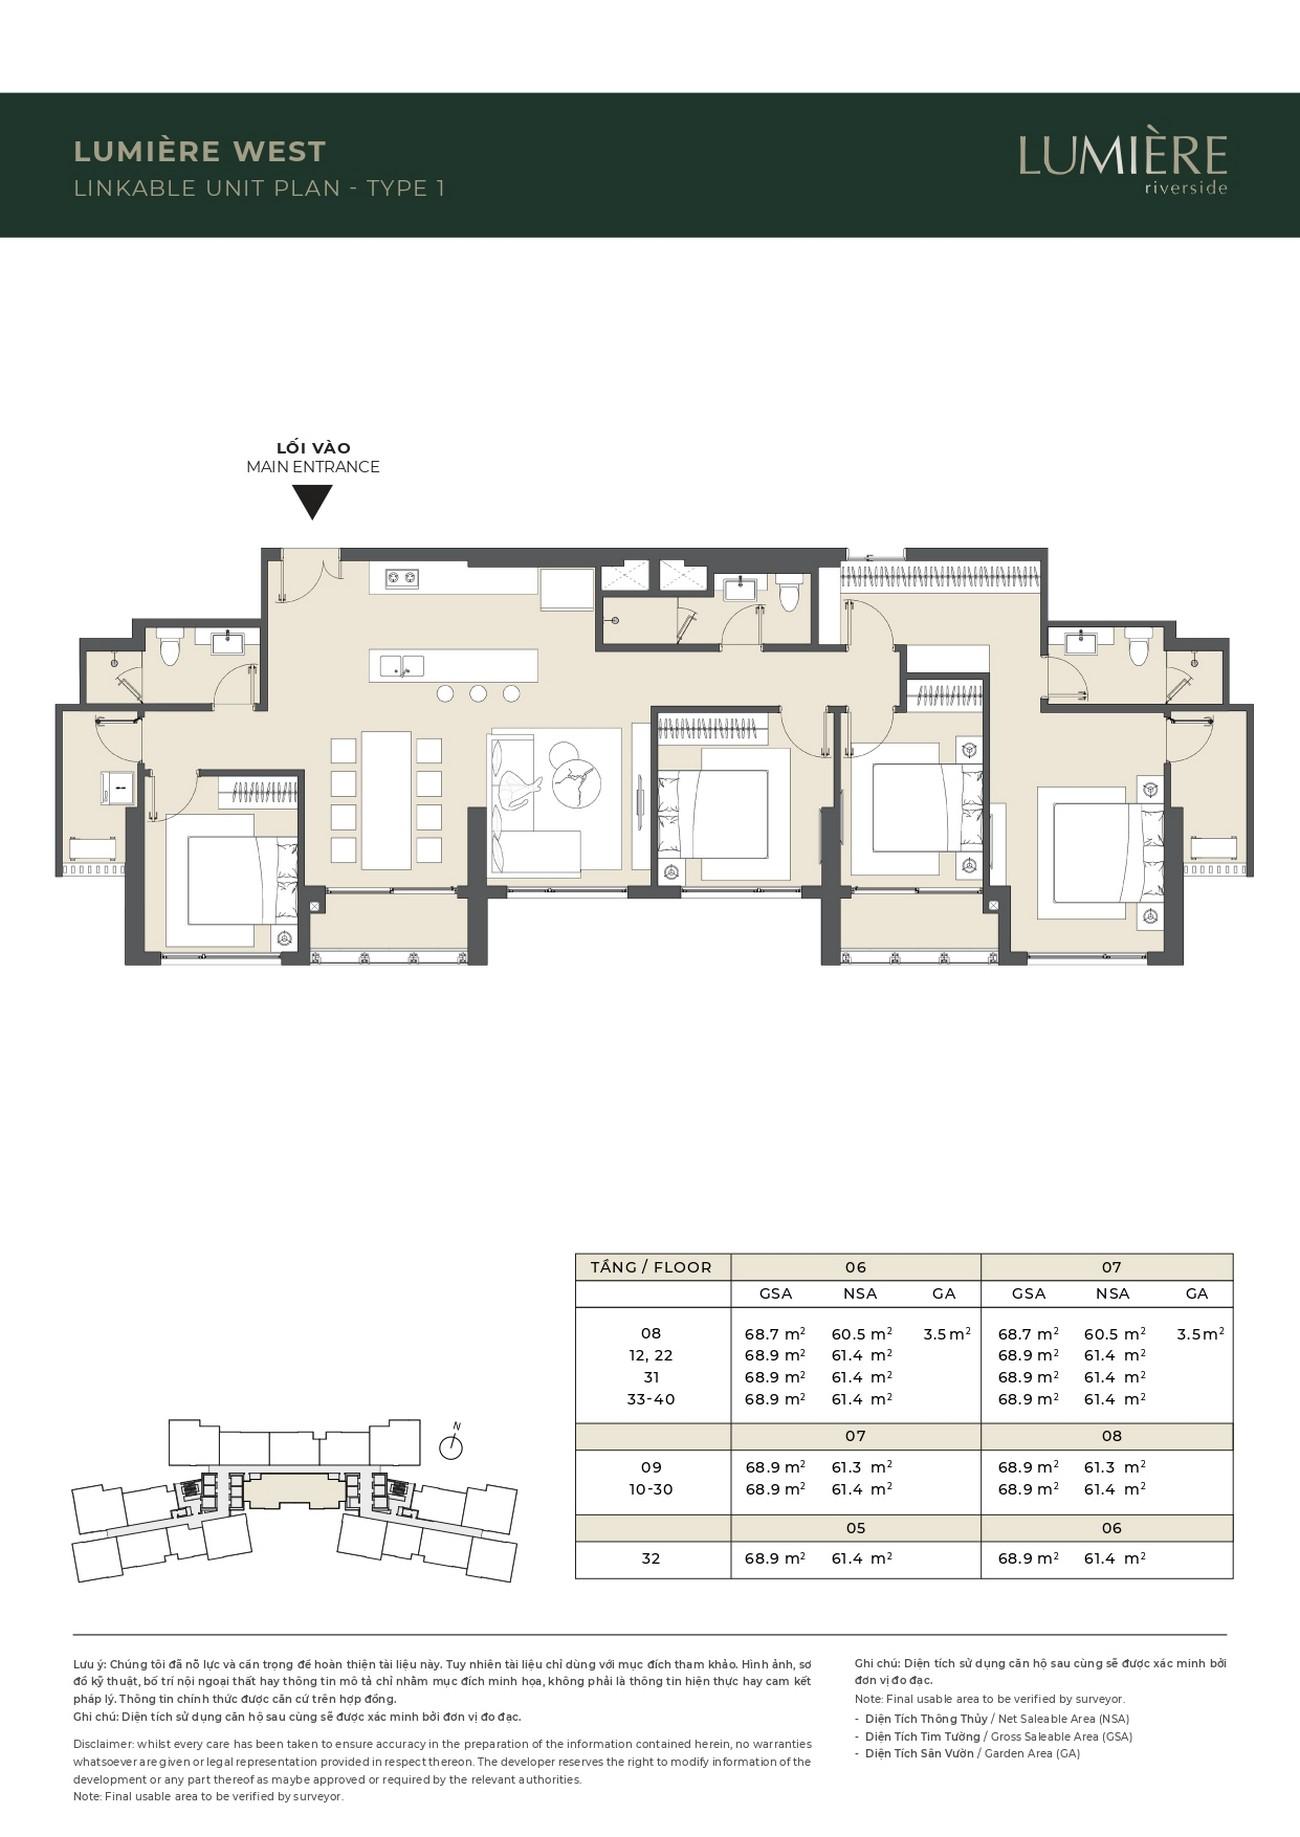 Thiết kế dự án căn hộ chung cư Masteri Lumière Riverside Quận 2 Đường Xa Lộ Hà Nội chủ đầu tư Masterise Homes